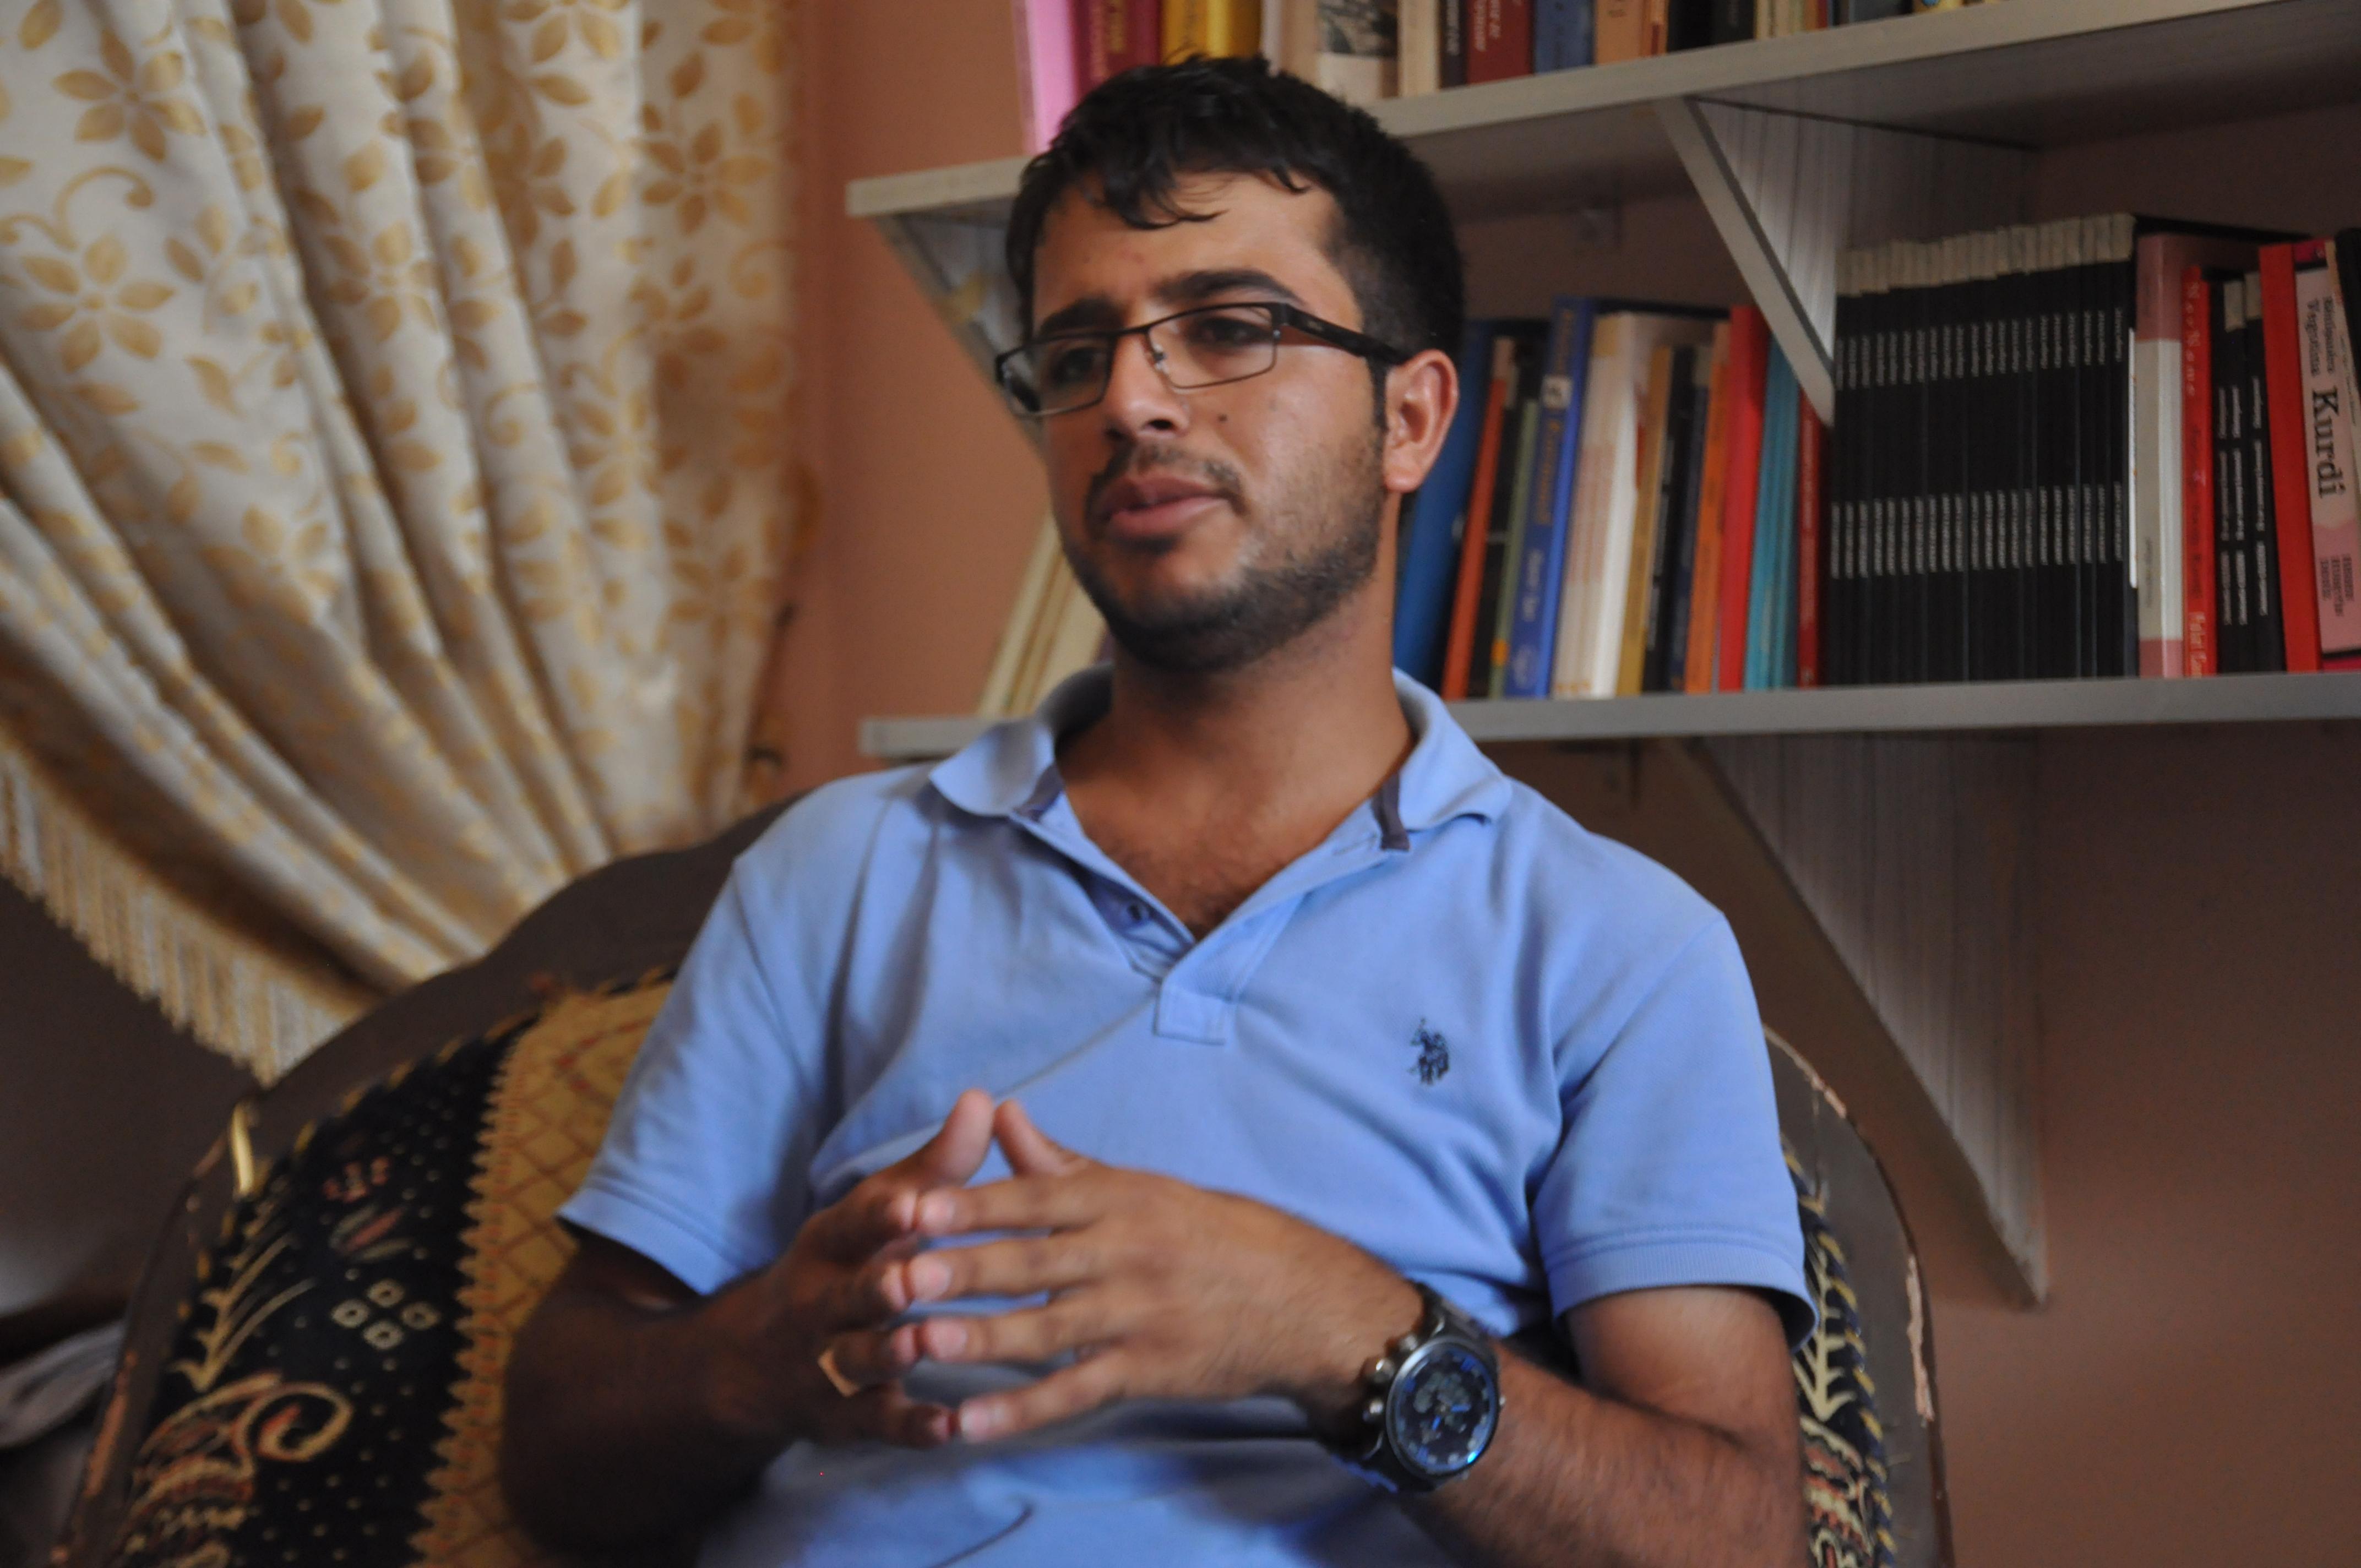 Истории Погибших во время массового убийства в Кобане 25 июня 2015 года теперь войдут в книгу